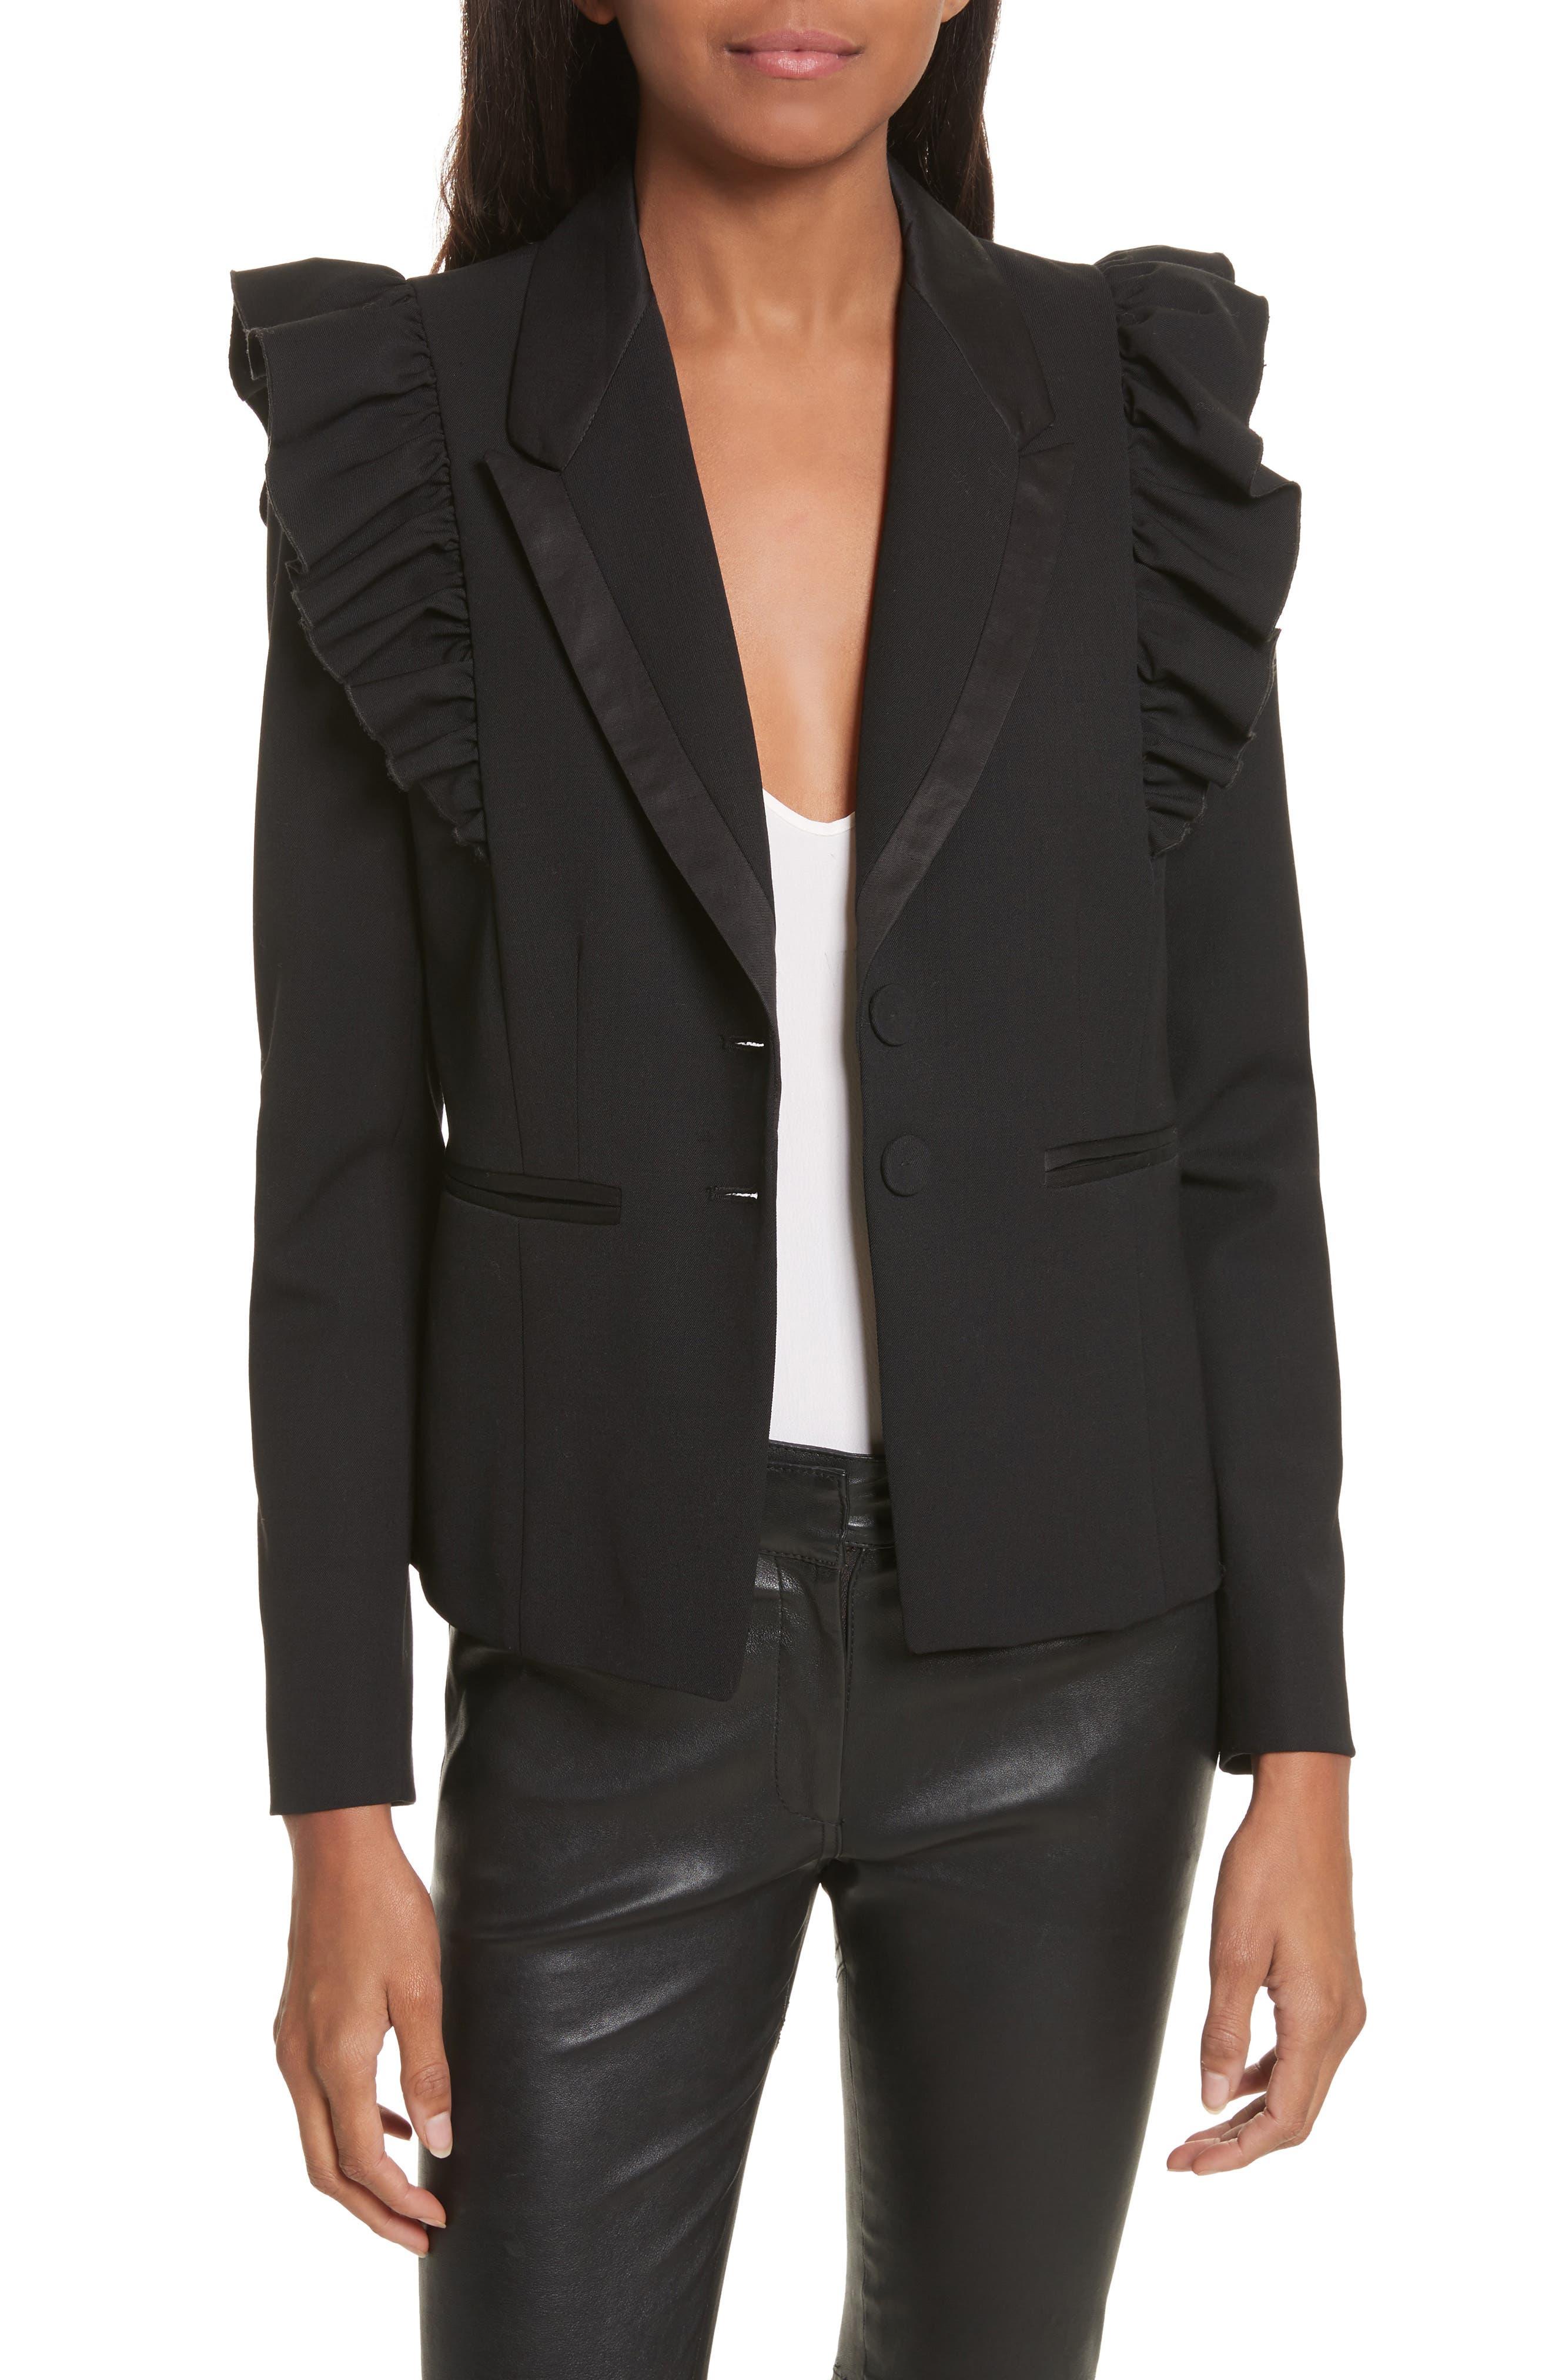 Main Image - Rebecca Taylor Ruffle Stretch Wool Jacket